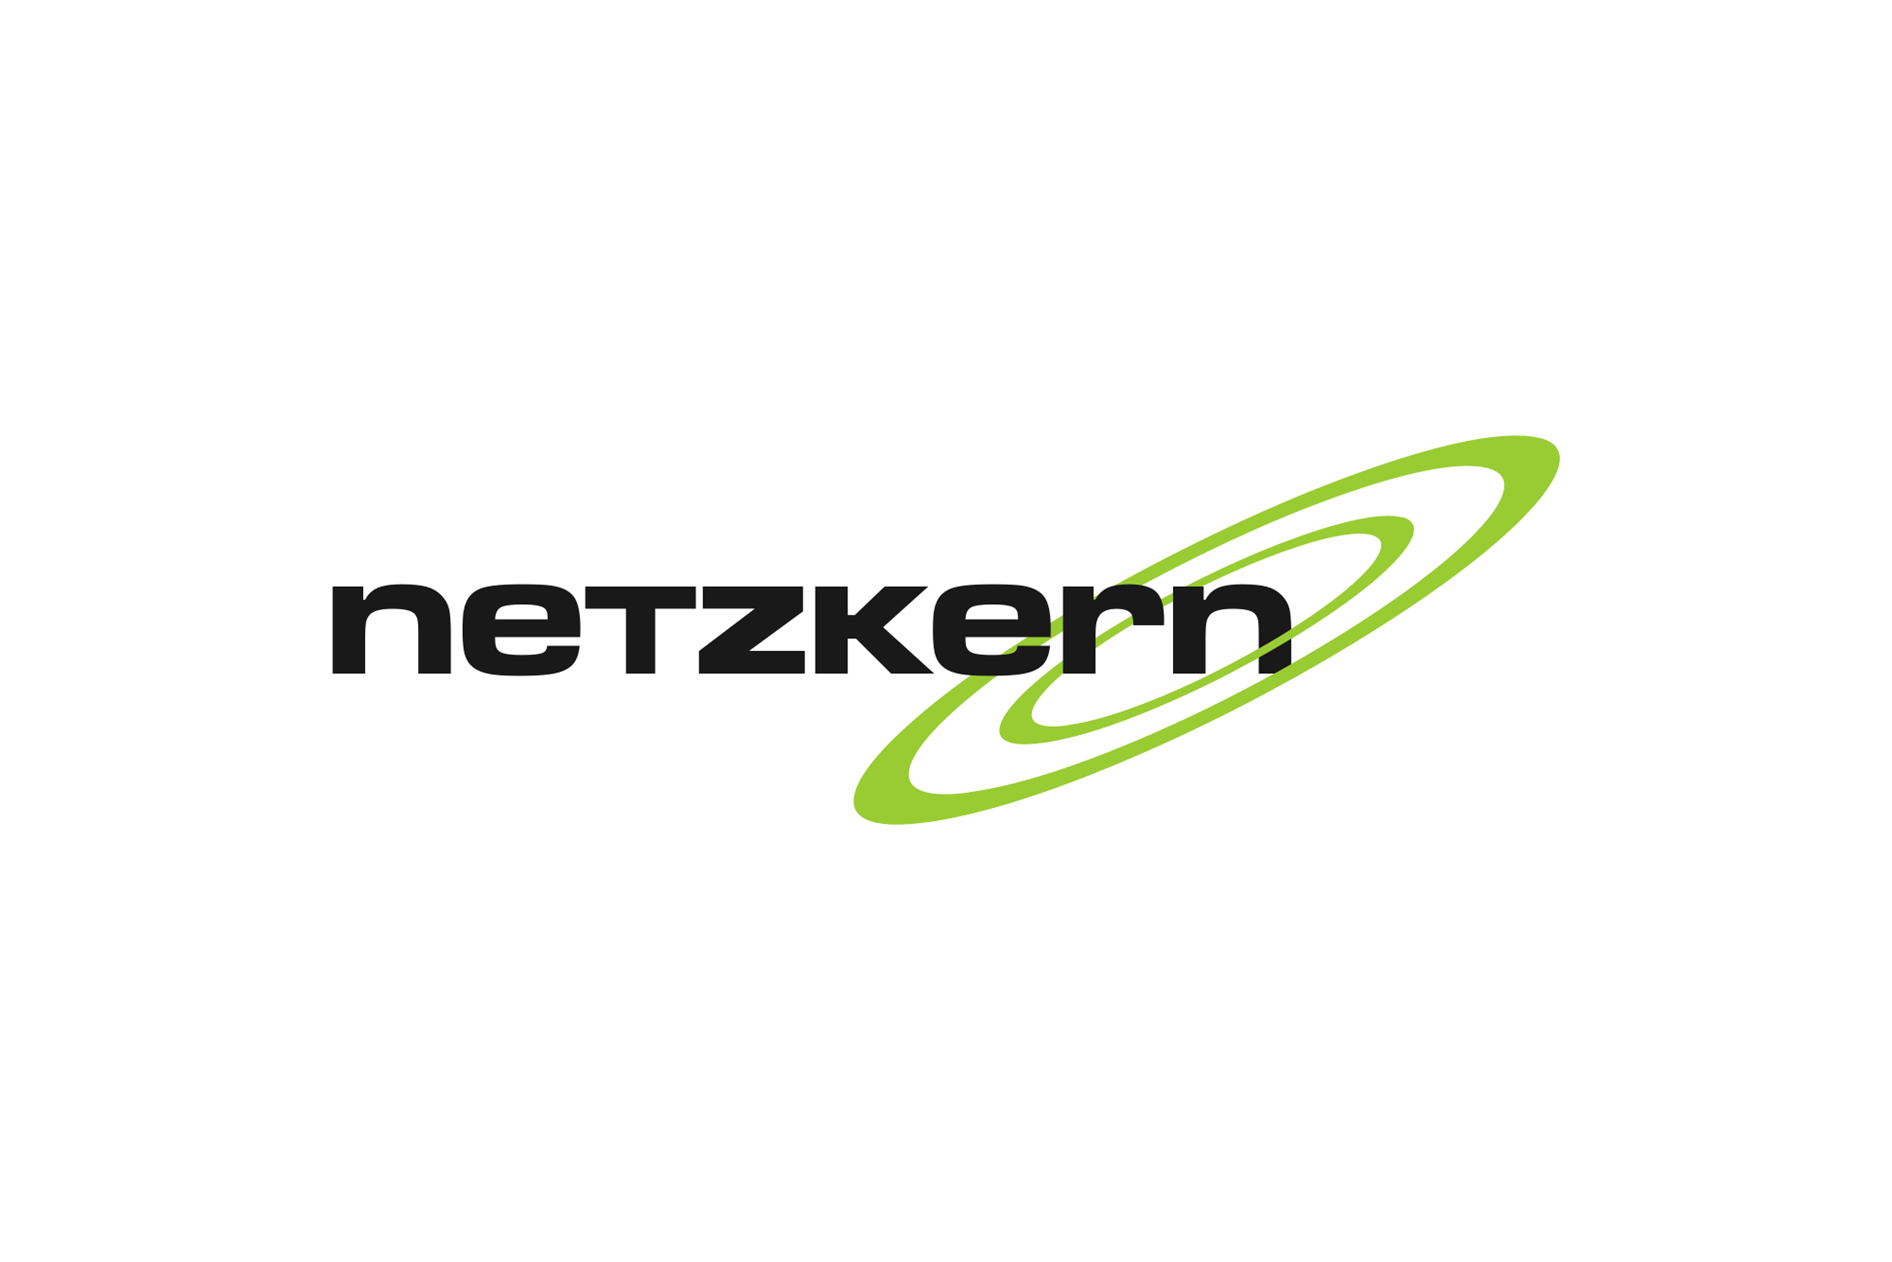 2001: netzkern Logo mit Swooshes